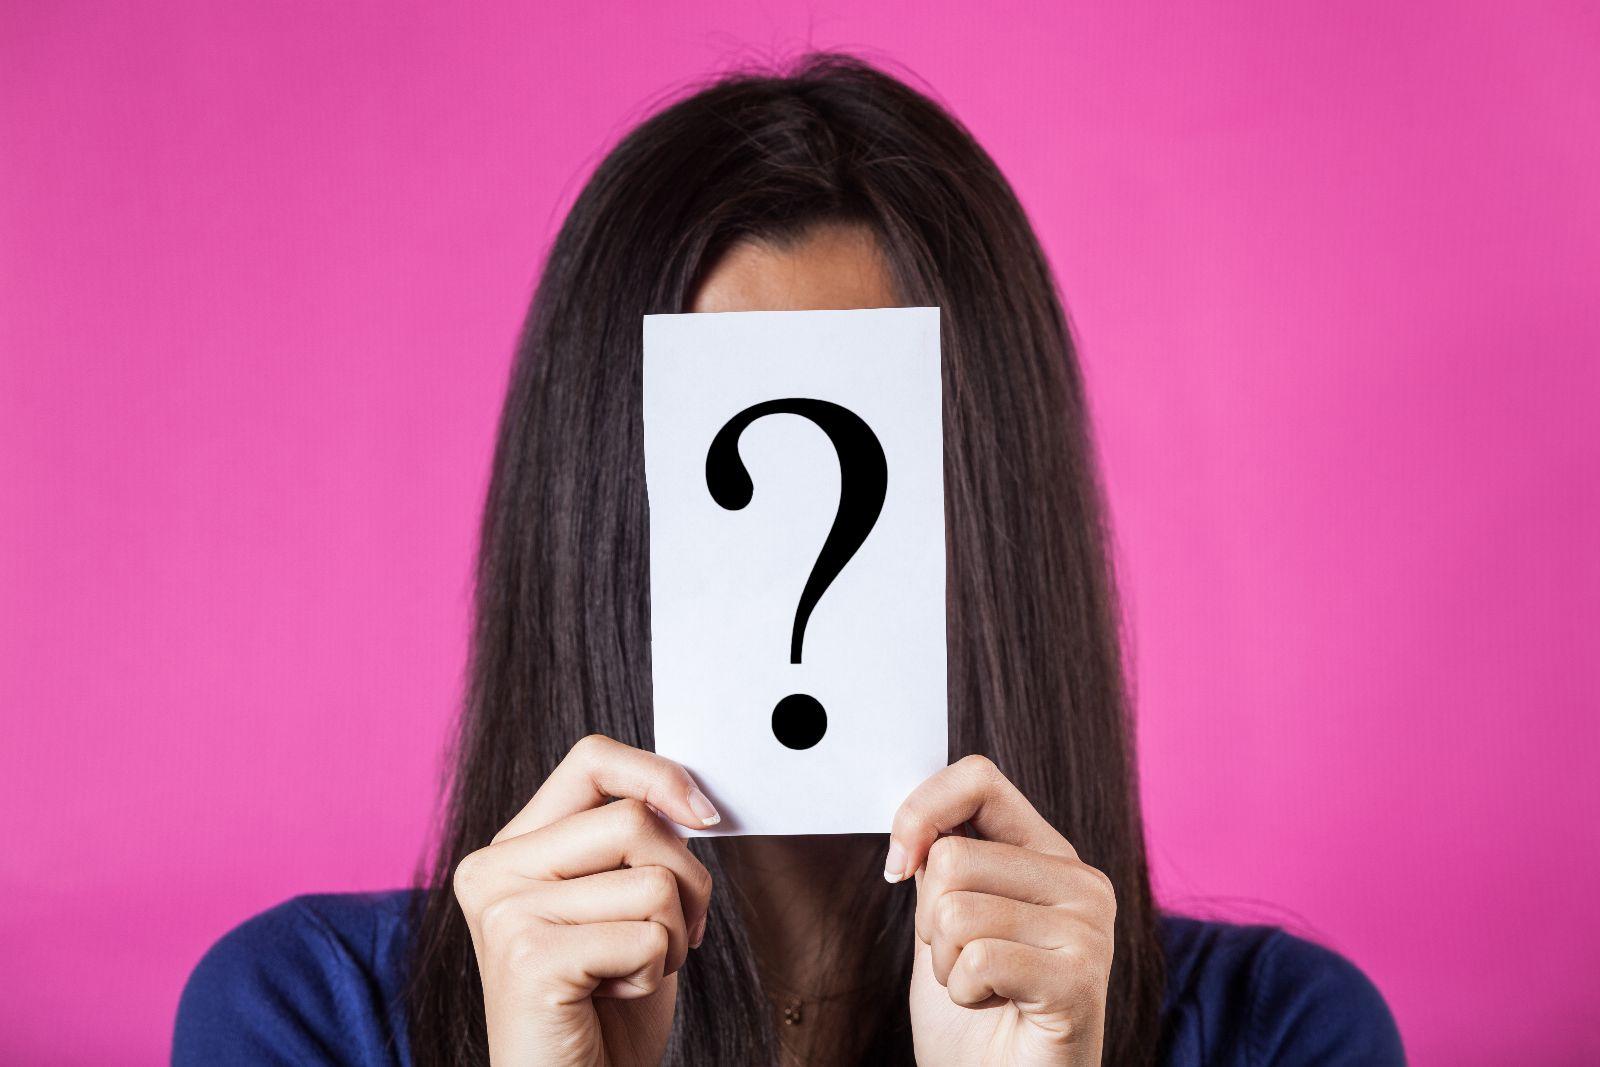 Mujer sostiene enfrente de su rostro hoja con signo de interrogación